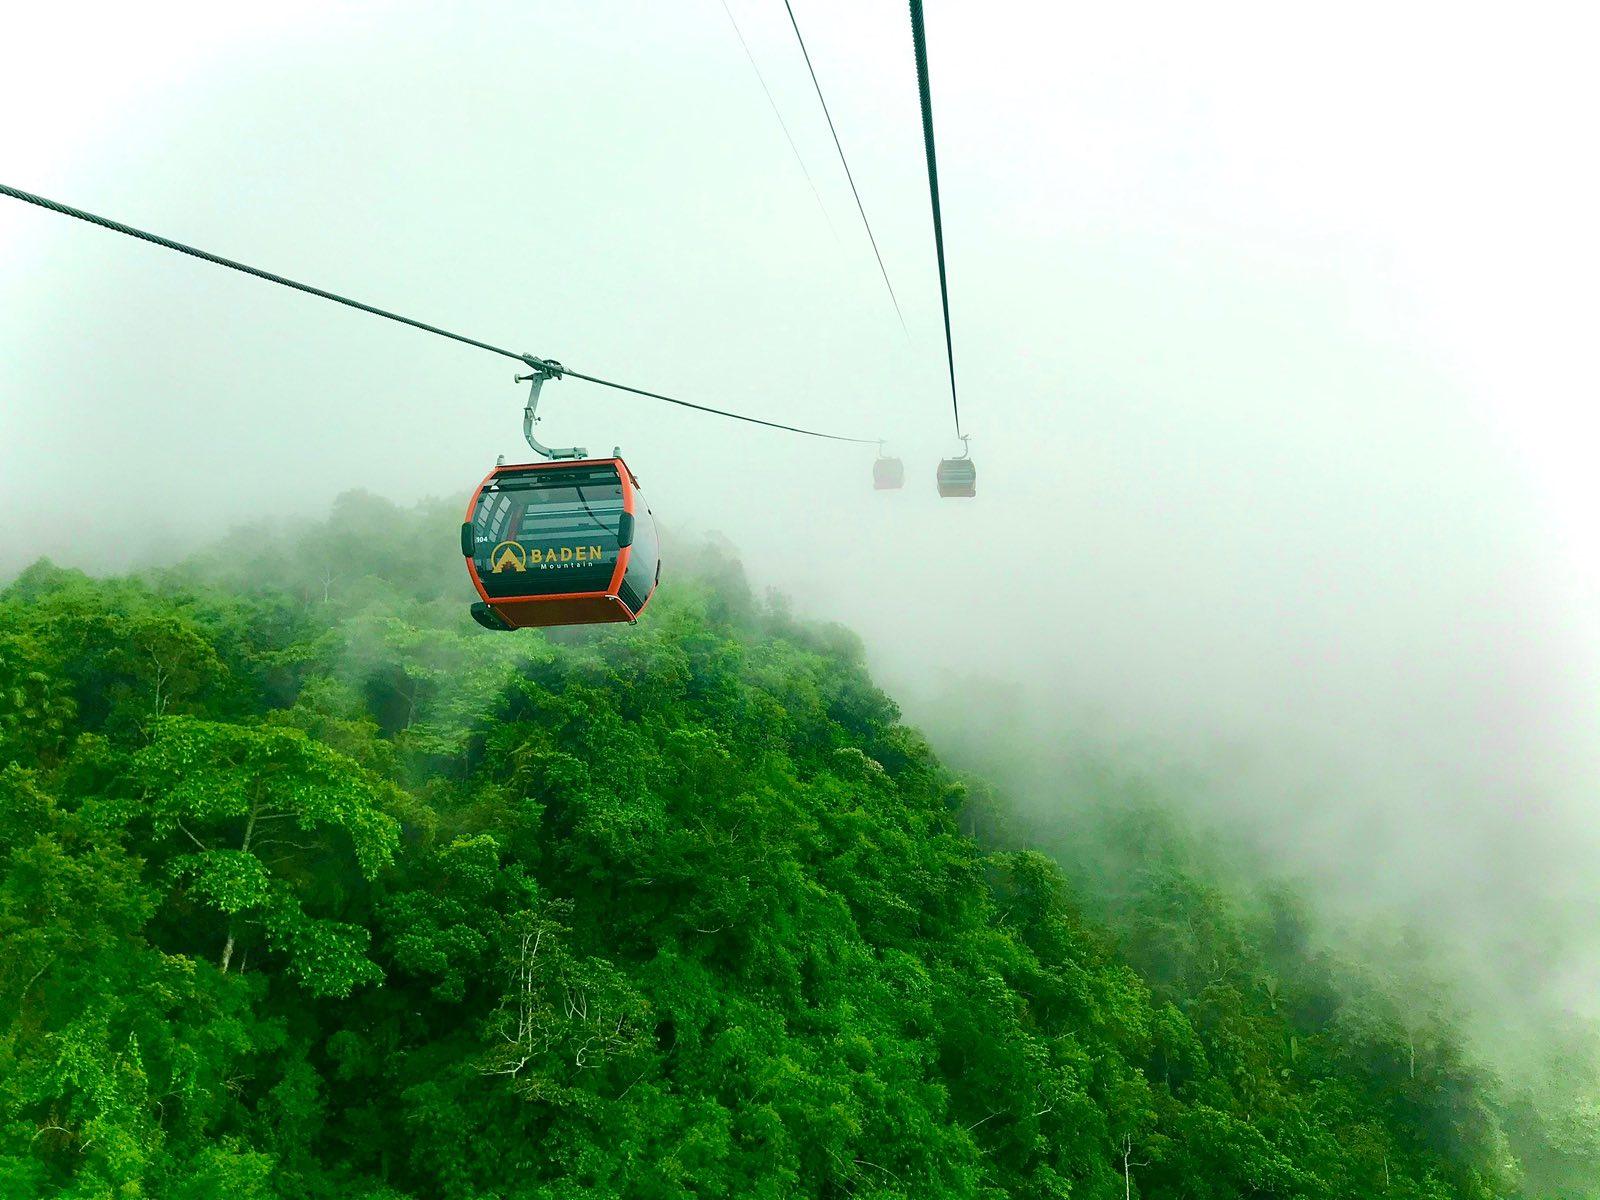 Lịch sử núi Bà Đen Tây Ninh - nơi ghi dấu bao truyền thuyết xa xưa nổi tiếng - Ảnh 8.